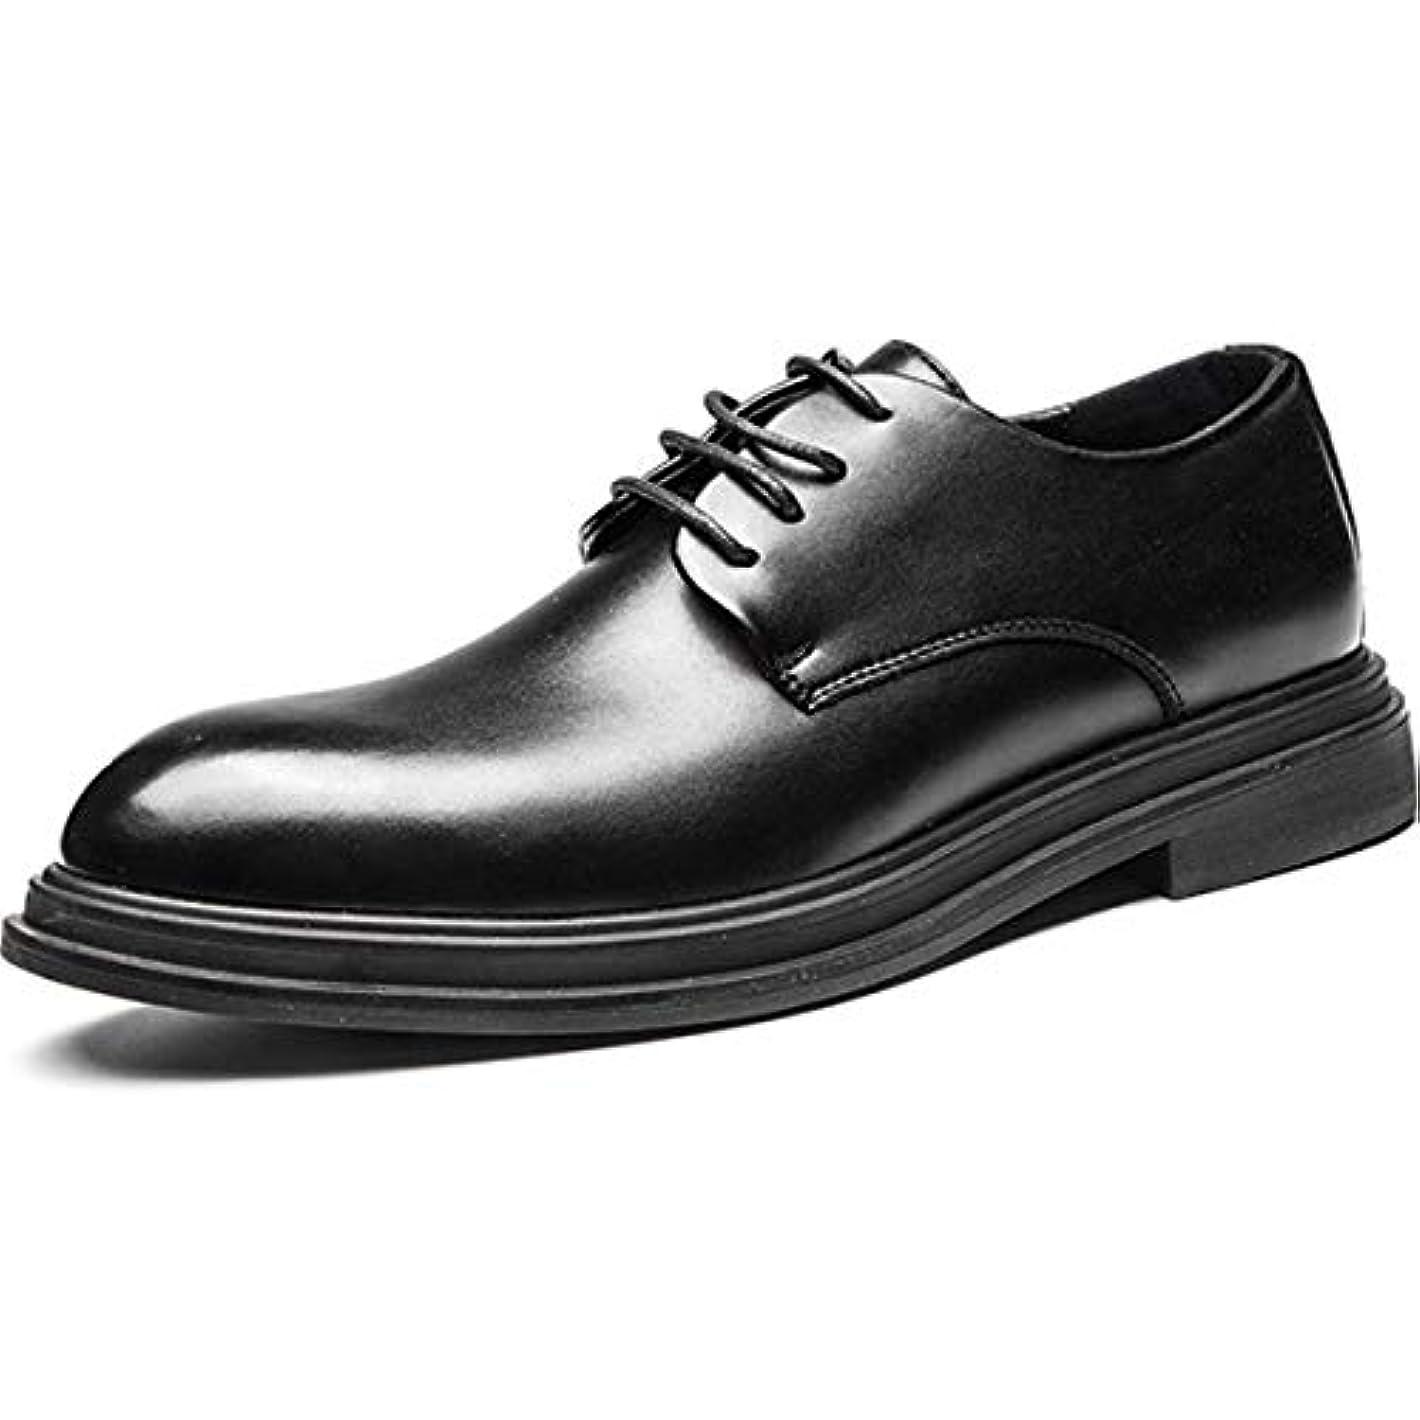 ハンバーガー小石福祉[ロムリゲン] Romlegen ビジネスシューズ カジュアルシューズ ドレスシューズ モカシンーズ 紳士靴 革靴 ビジネス カジュアル 結婚式 イングランド レザー ポインテッドトゥ メンズ 夏 四季 大きなサイズ 就職面接 通勤